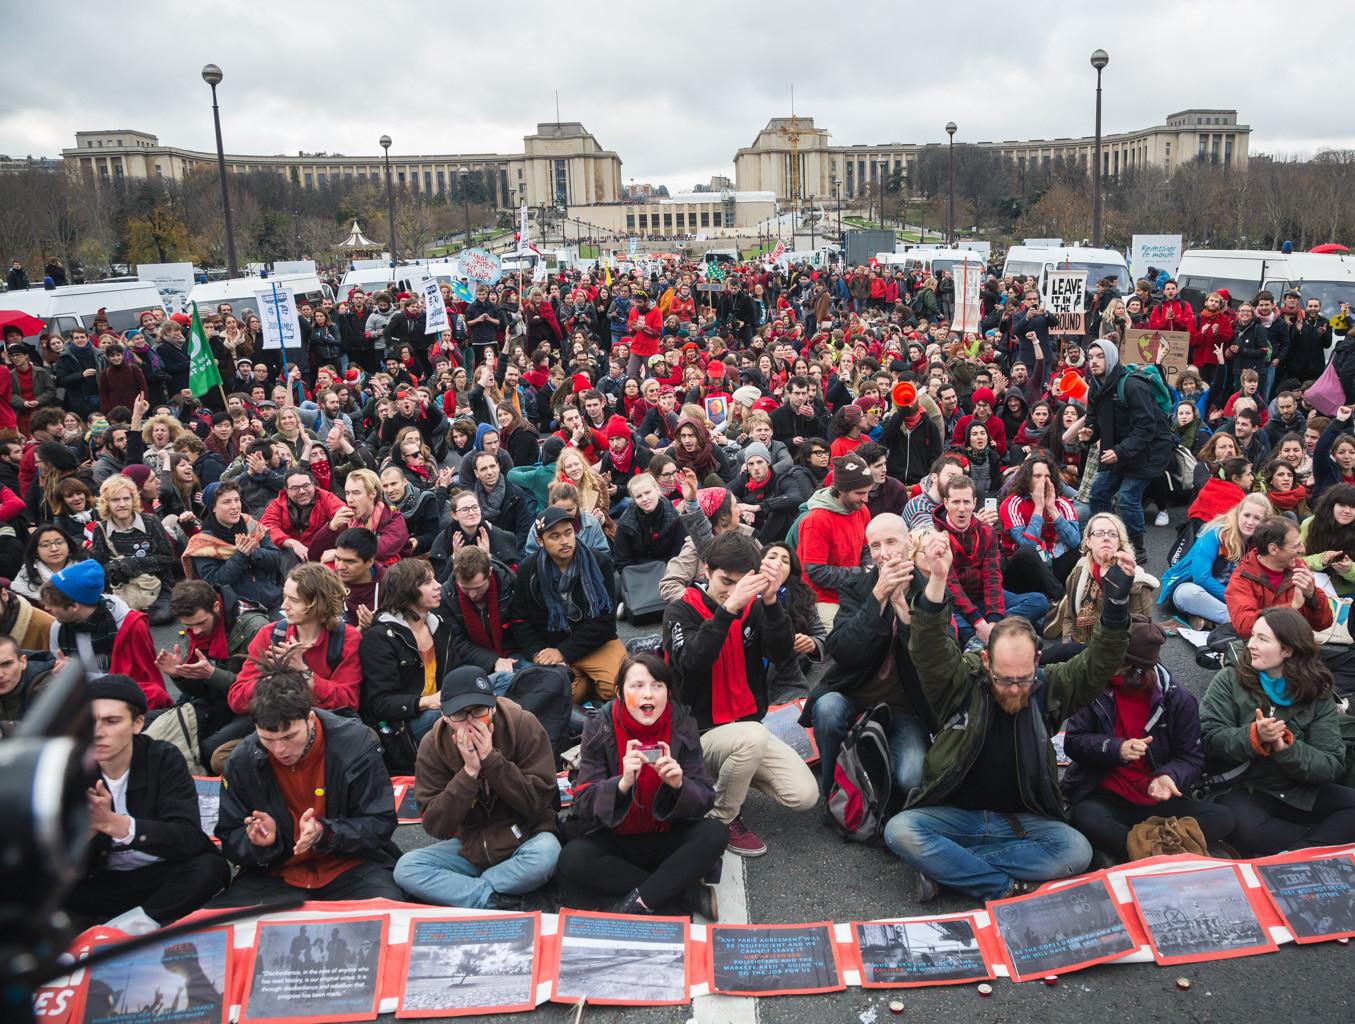 Kliimasoojenemise vastane meeleavaldus Pariisis detsembris 2015. Foto: Renee Altrov